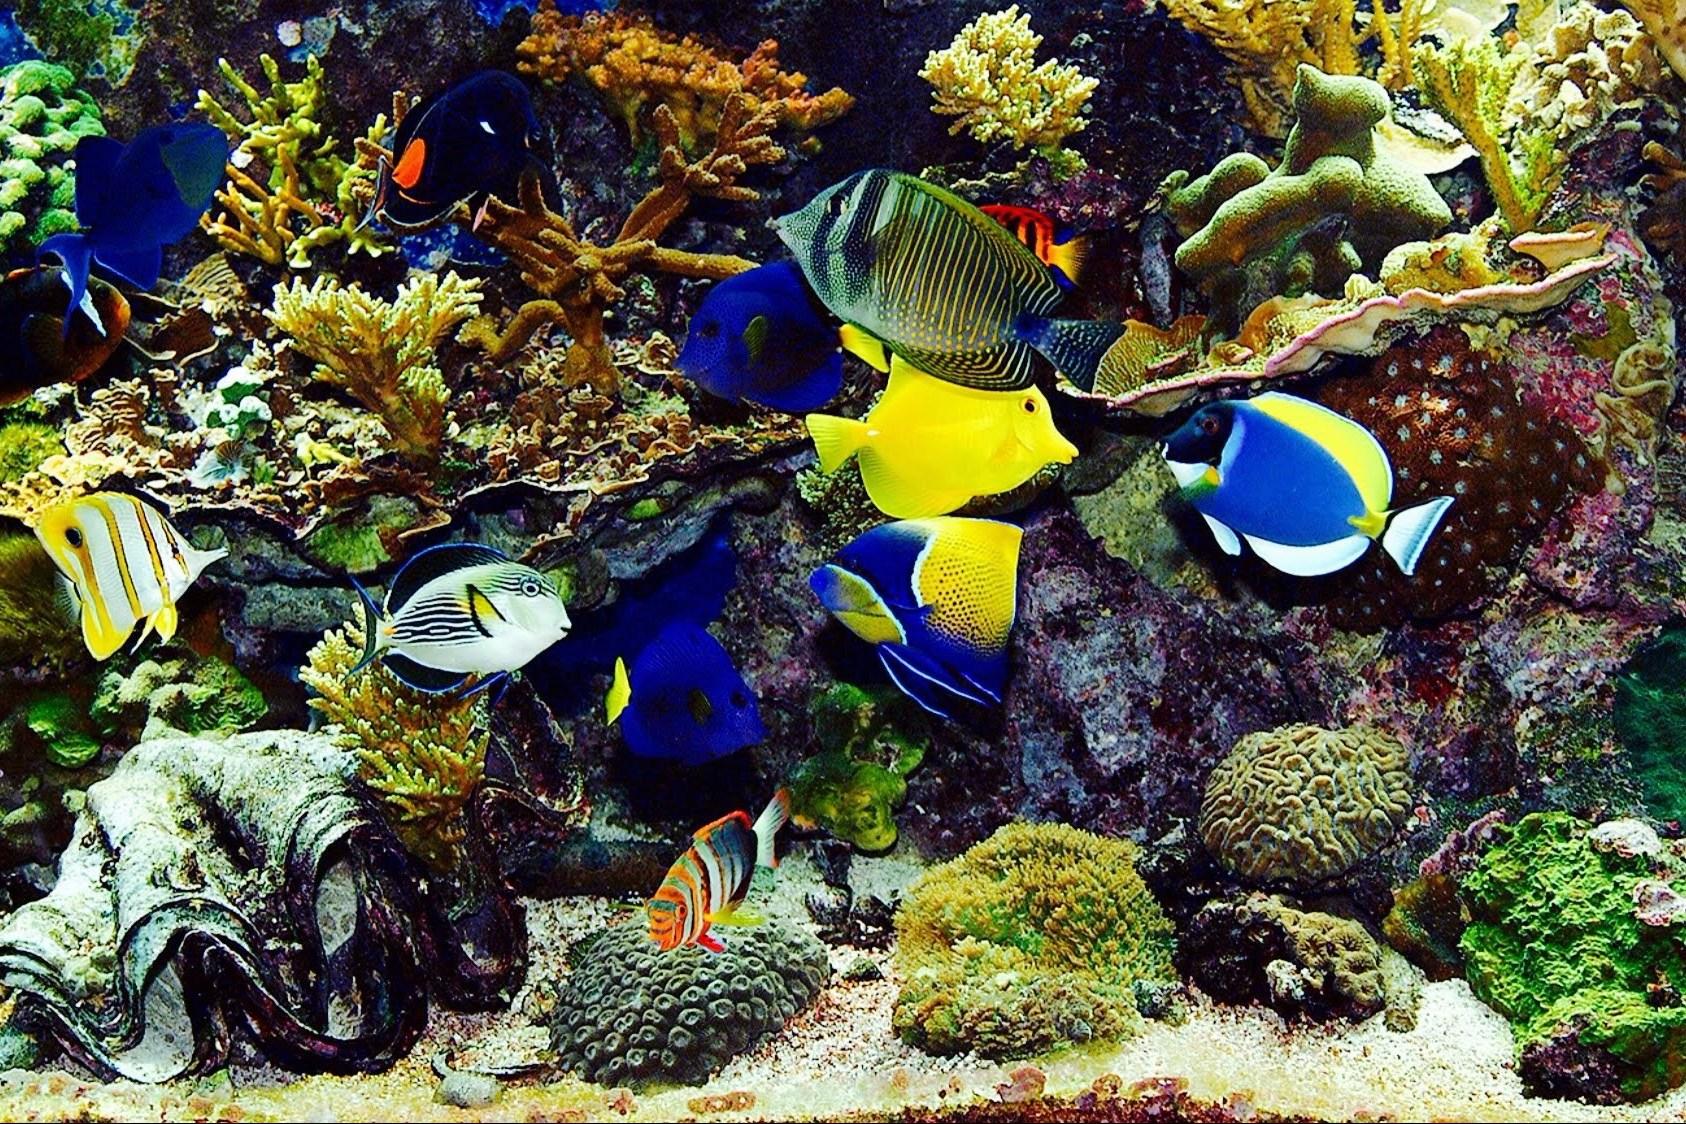 Jenis Ikan Hias Air Laut Gambar Ikan Laut Ingin Memiliki Akuarium Air Laut Pahami Dulu 7 Hal Berikut